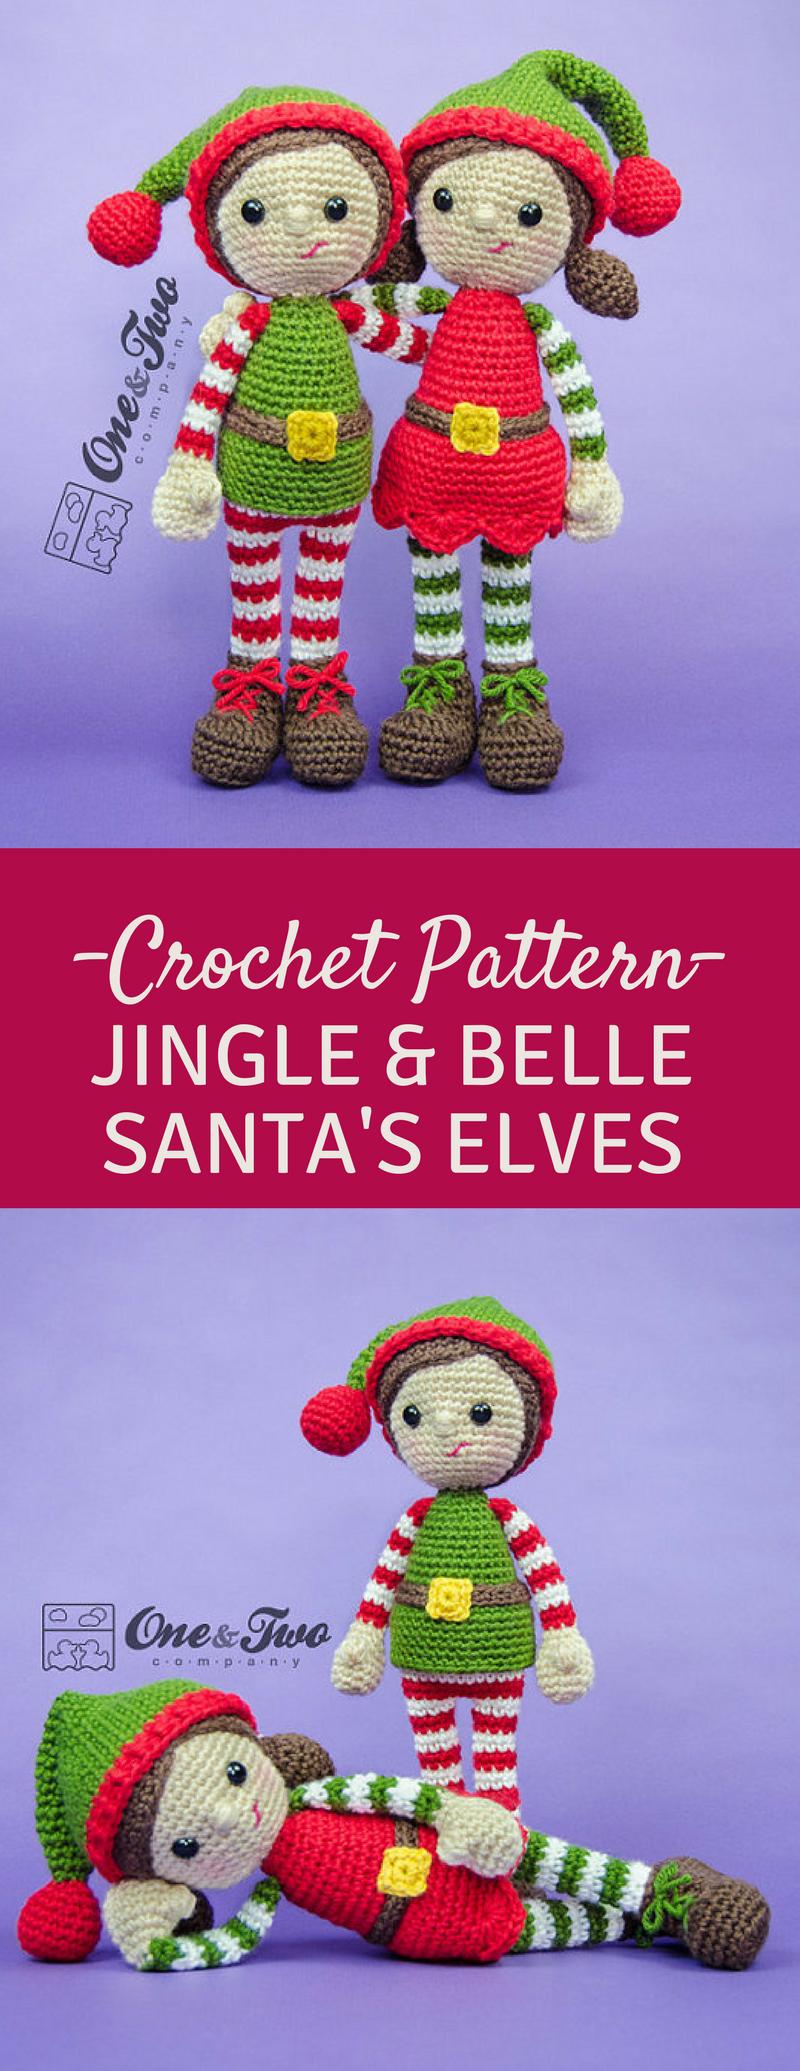 2744 Best KEY RINGS images in 2020 | Crochet patterns, Crochet ... | 2071x800